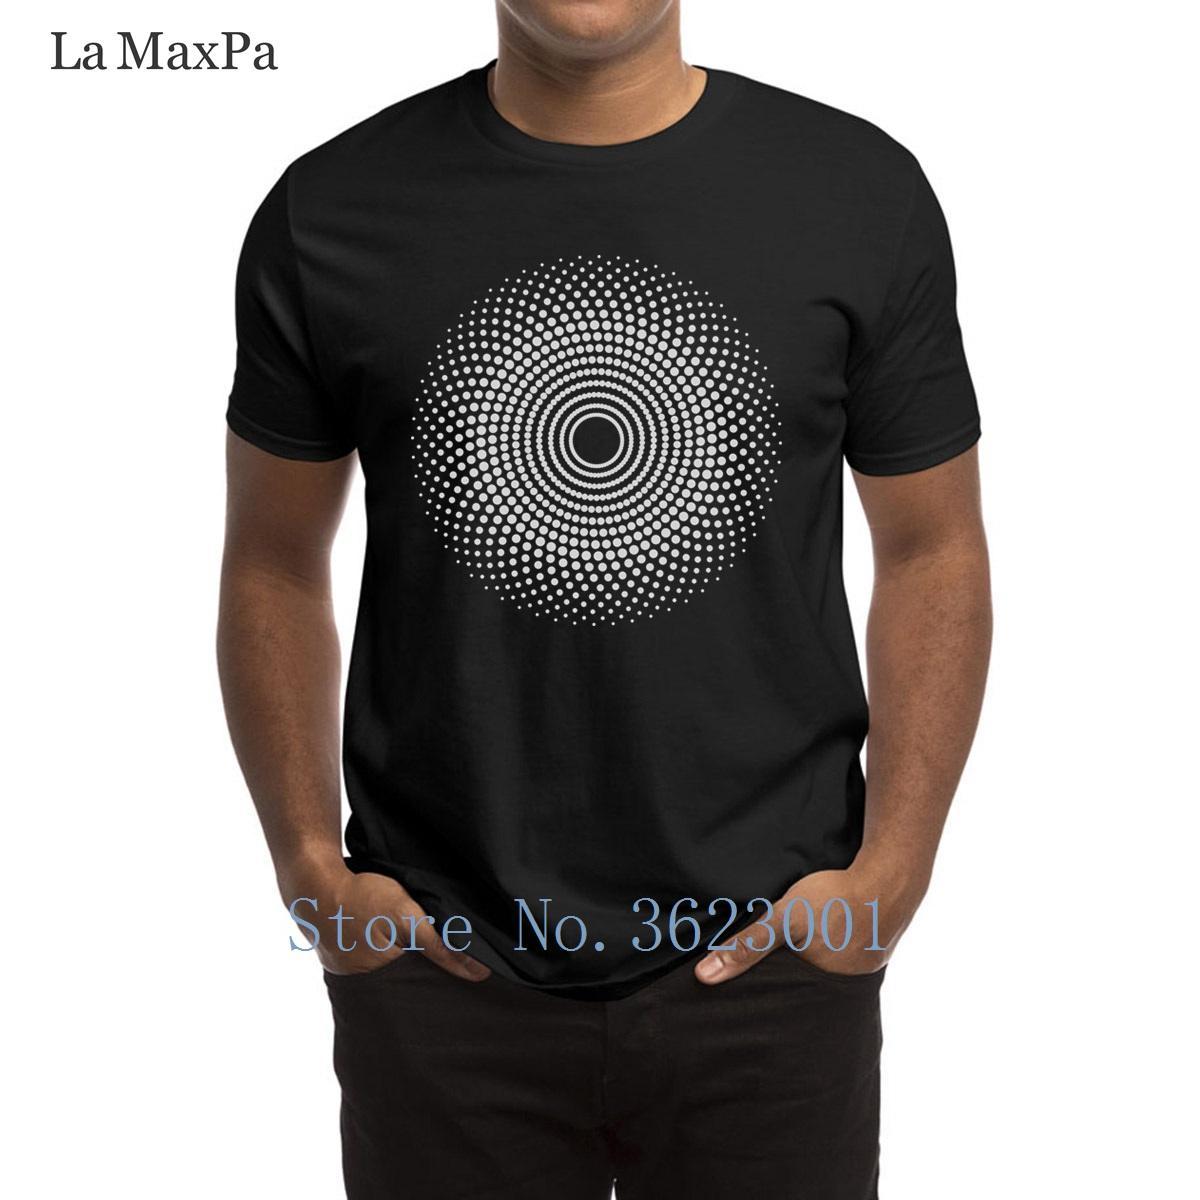 b310878b5a59d2 Großhandel Kundenspezifische Brief Männer T Shirt Punkte Mandala T Shirt  Branded Herren T Shirt Für Herren Neue Stil S 3xl Männer T Shirt Hohe  Qualität Von ...